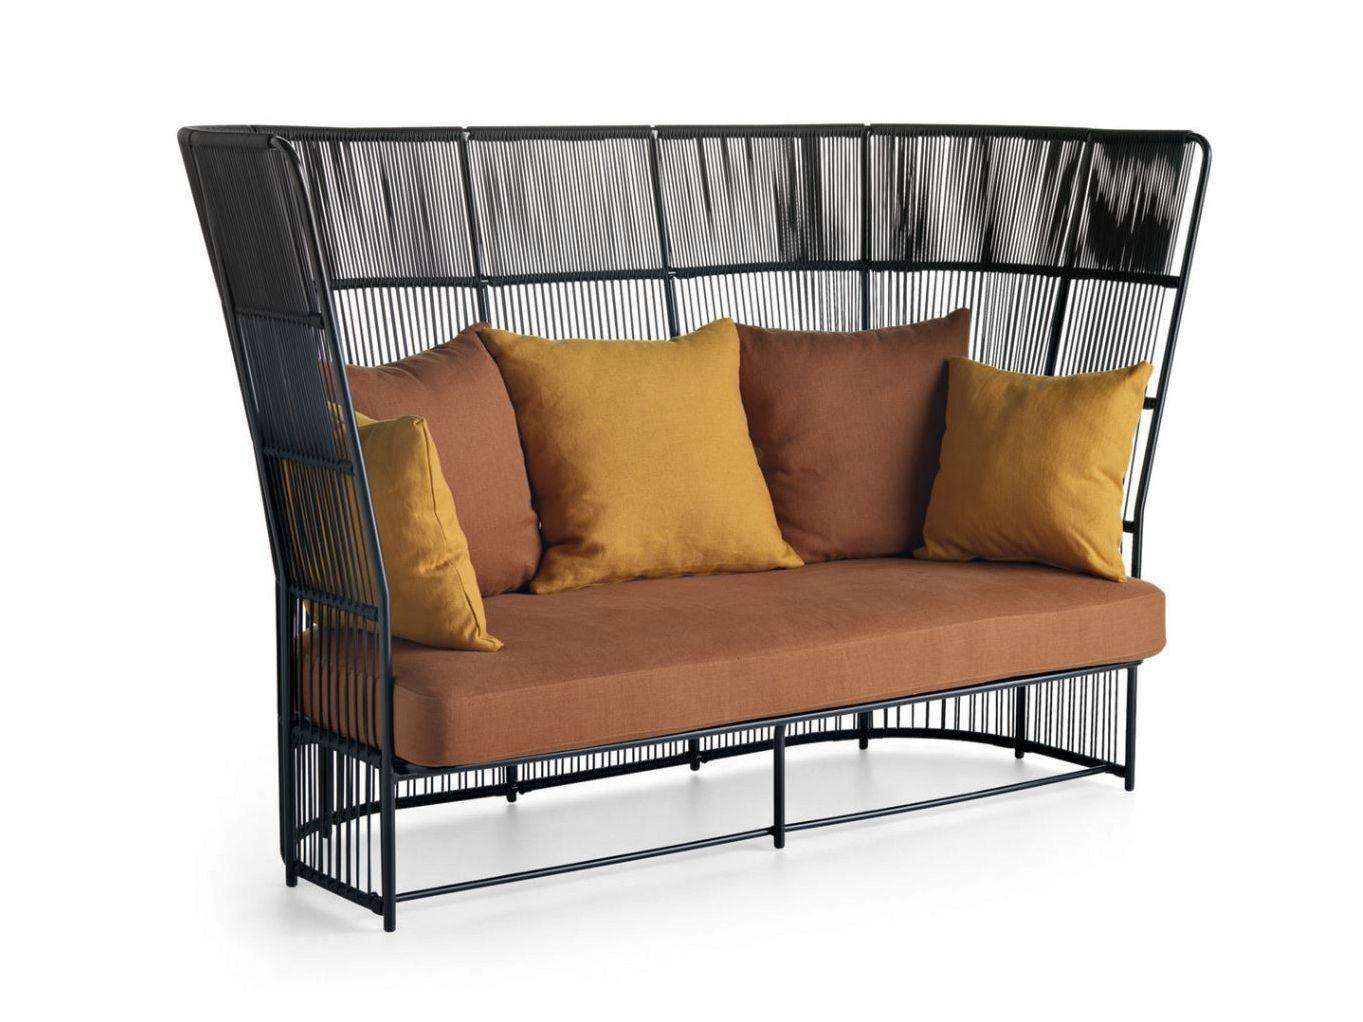 Metalsofastrendyjpg Pixels Outdoor Pinterest - Trendy sofas